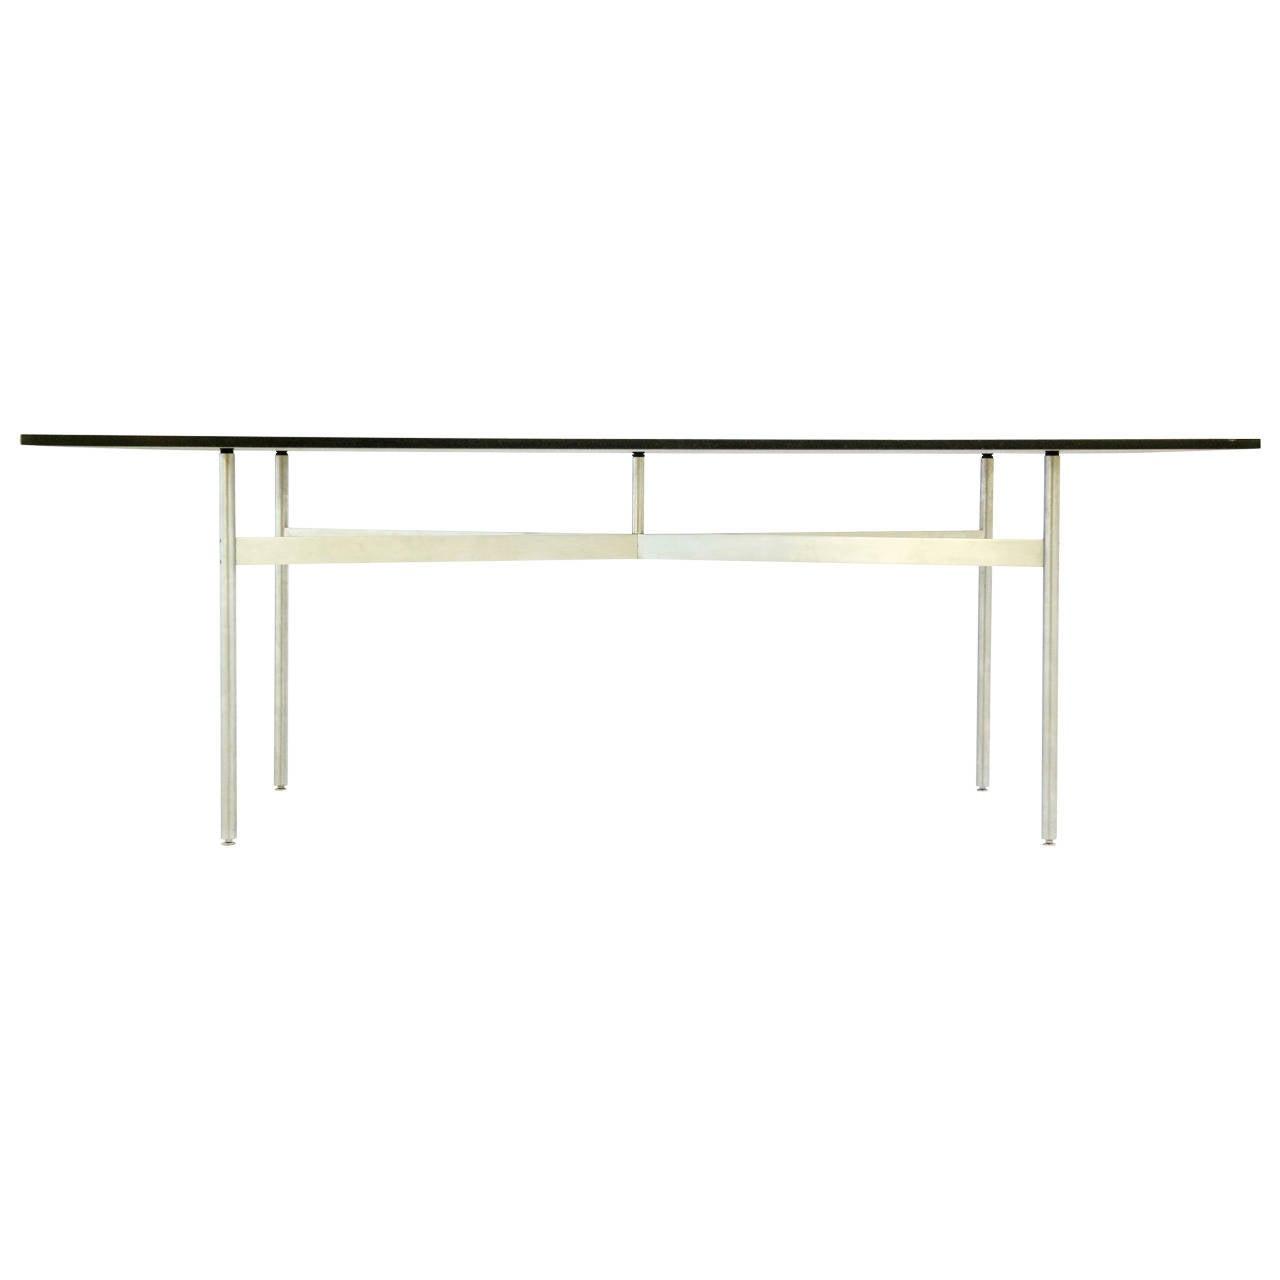 Laverne International Dining Table or Desk